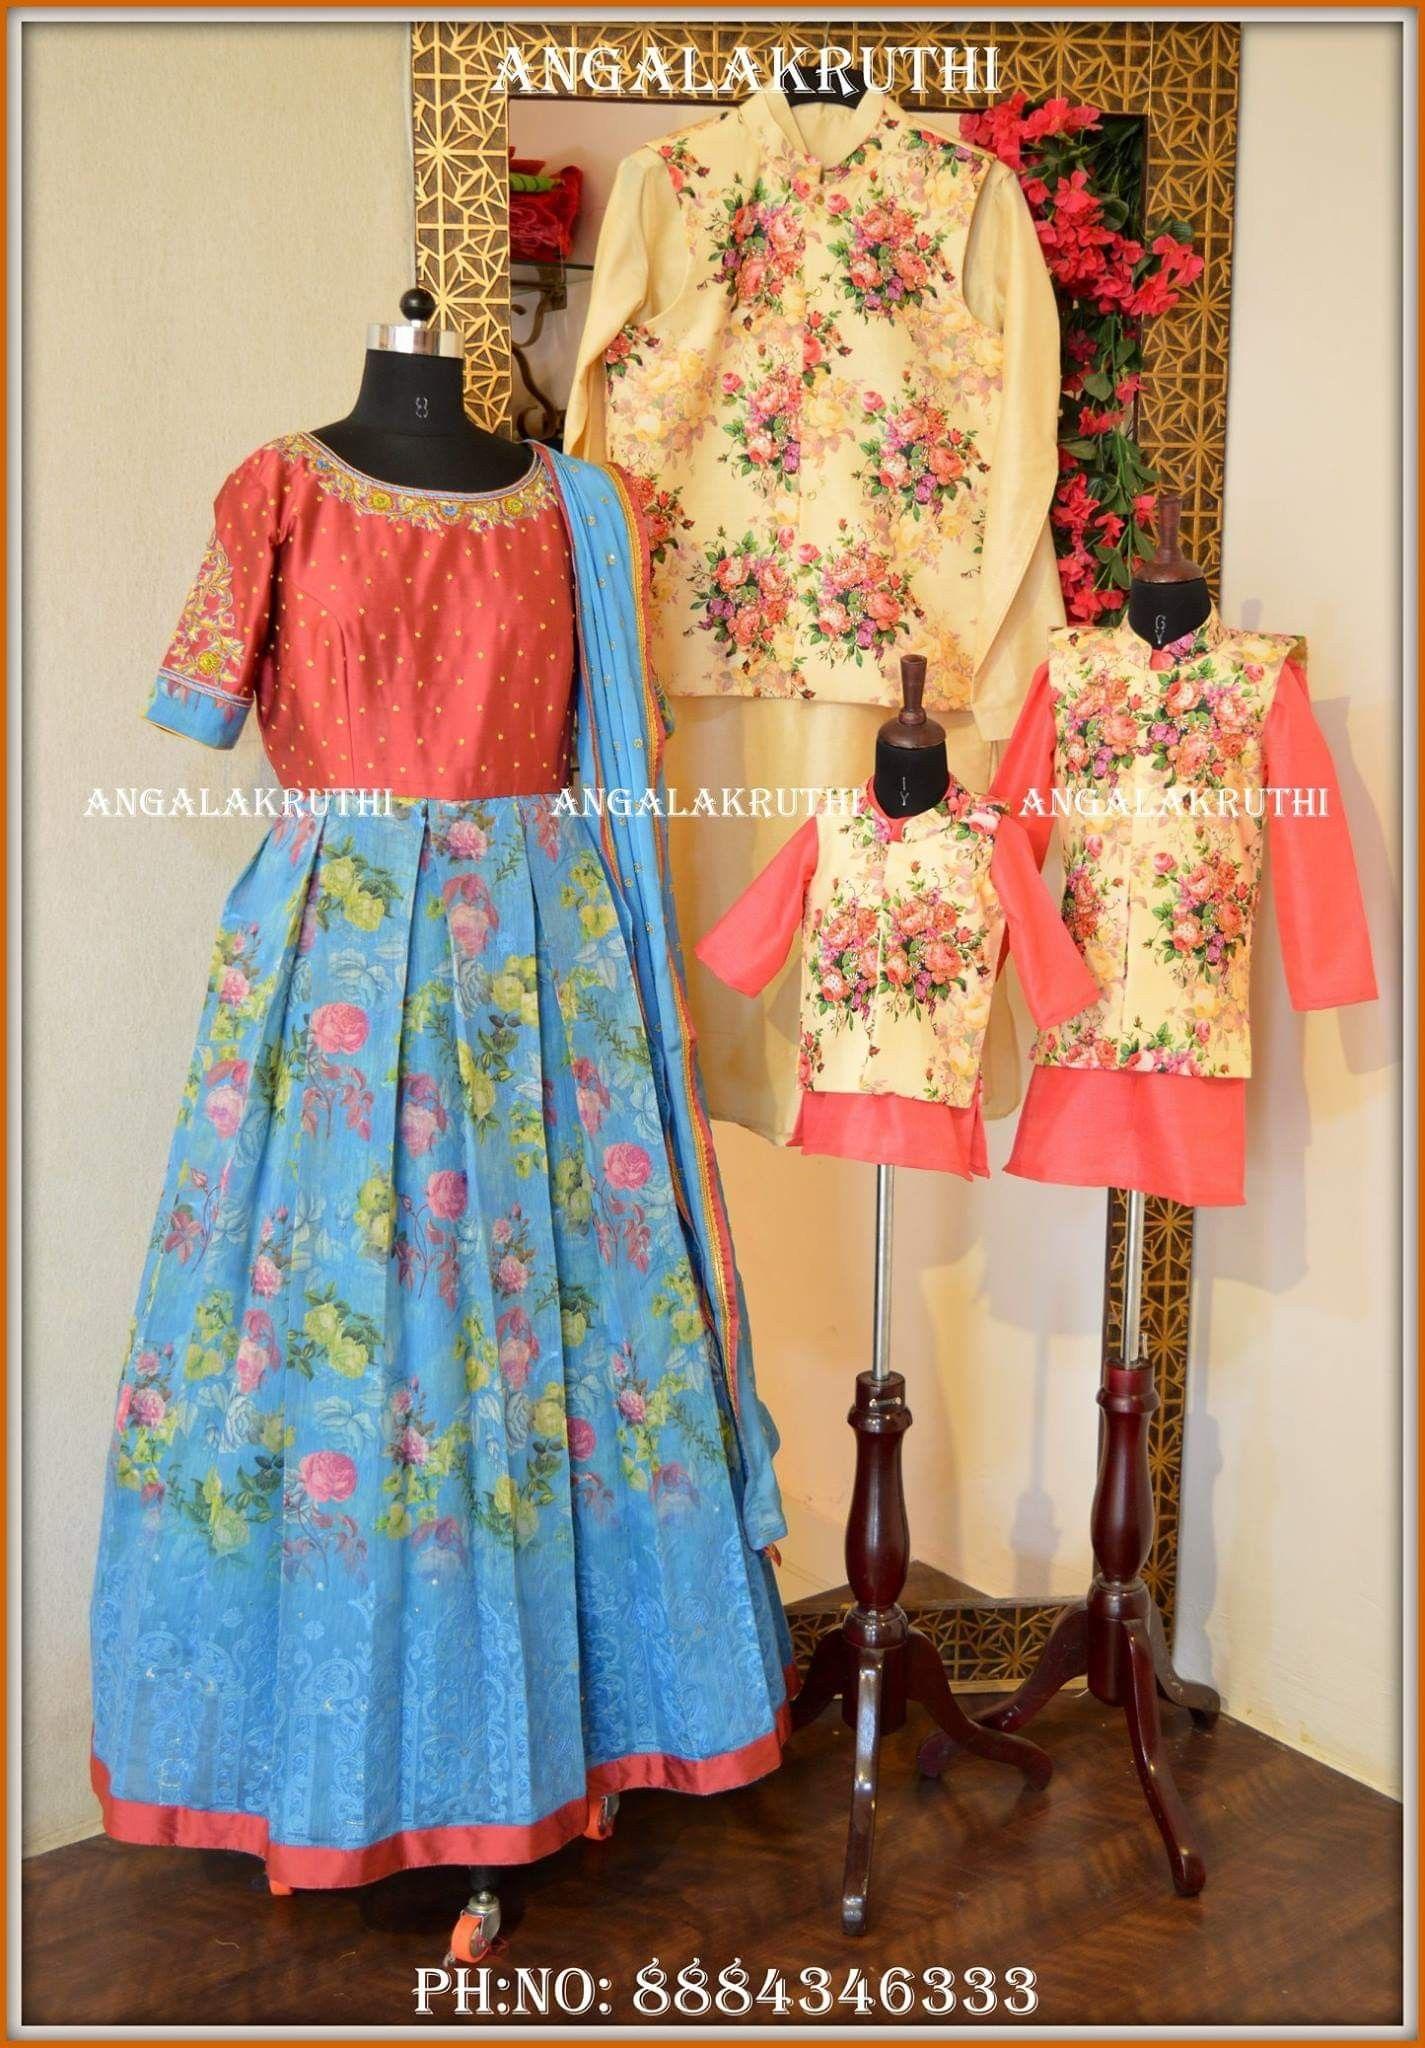 Family Matching Dress Designs By Angalakruthi Bangalore India Angalakruthi Custom Designer Kids Matching Dresses Mom And Baby Dresses Mom And Daughter Matching